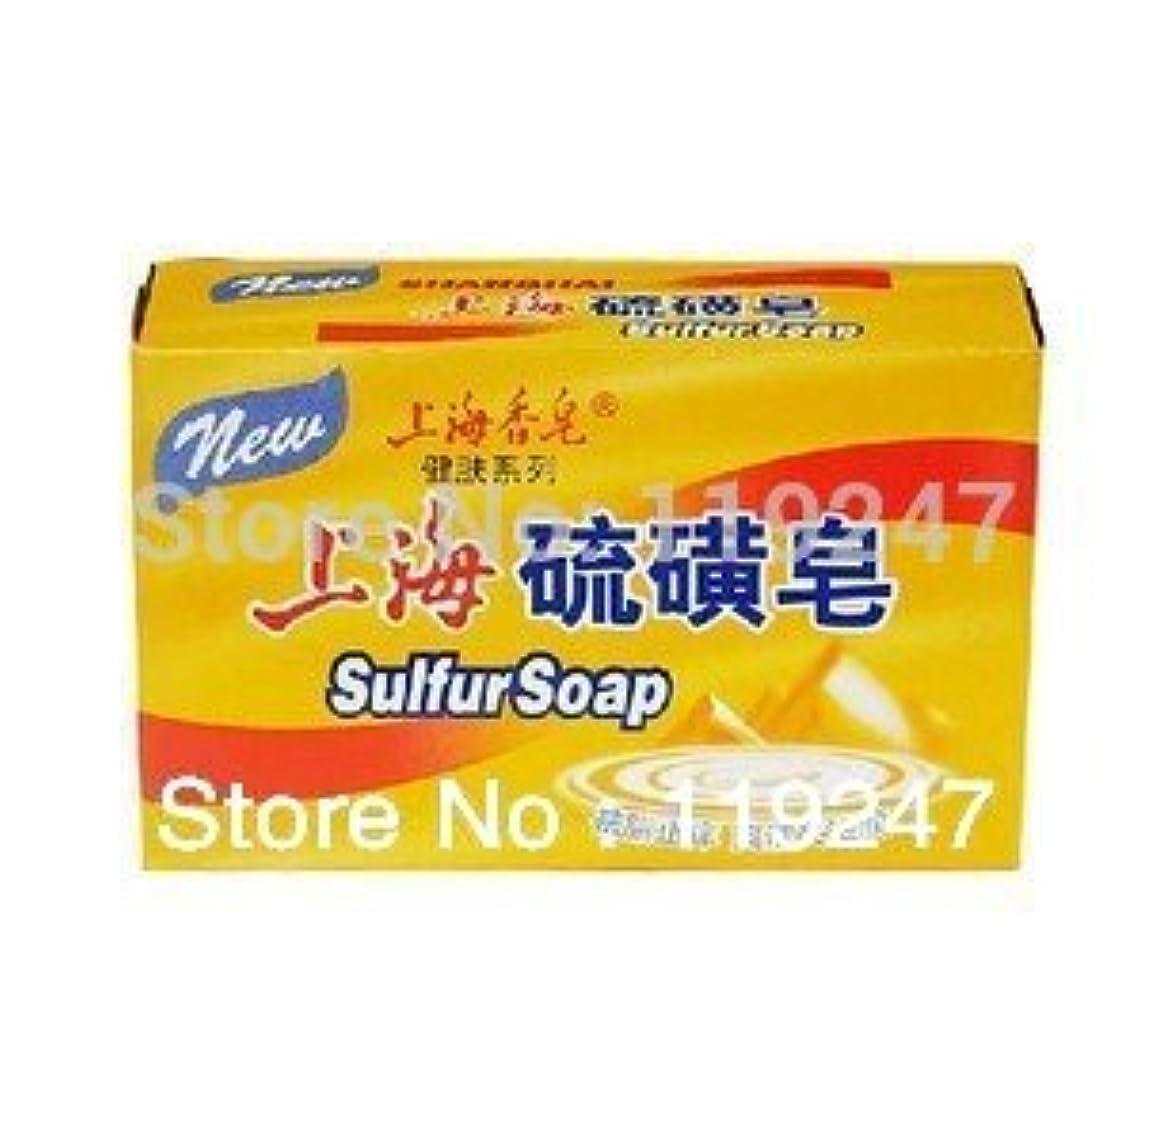 徐々に違う整然としたLorny (TM) 上海硫黄石鹸アンチ菌ダニ、ストップかゆみ125グラム格安 [並行輸入品]